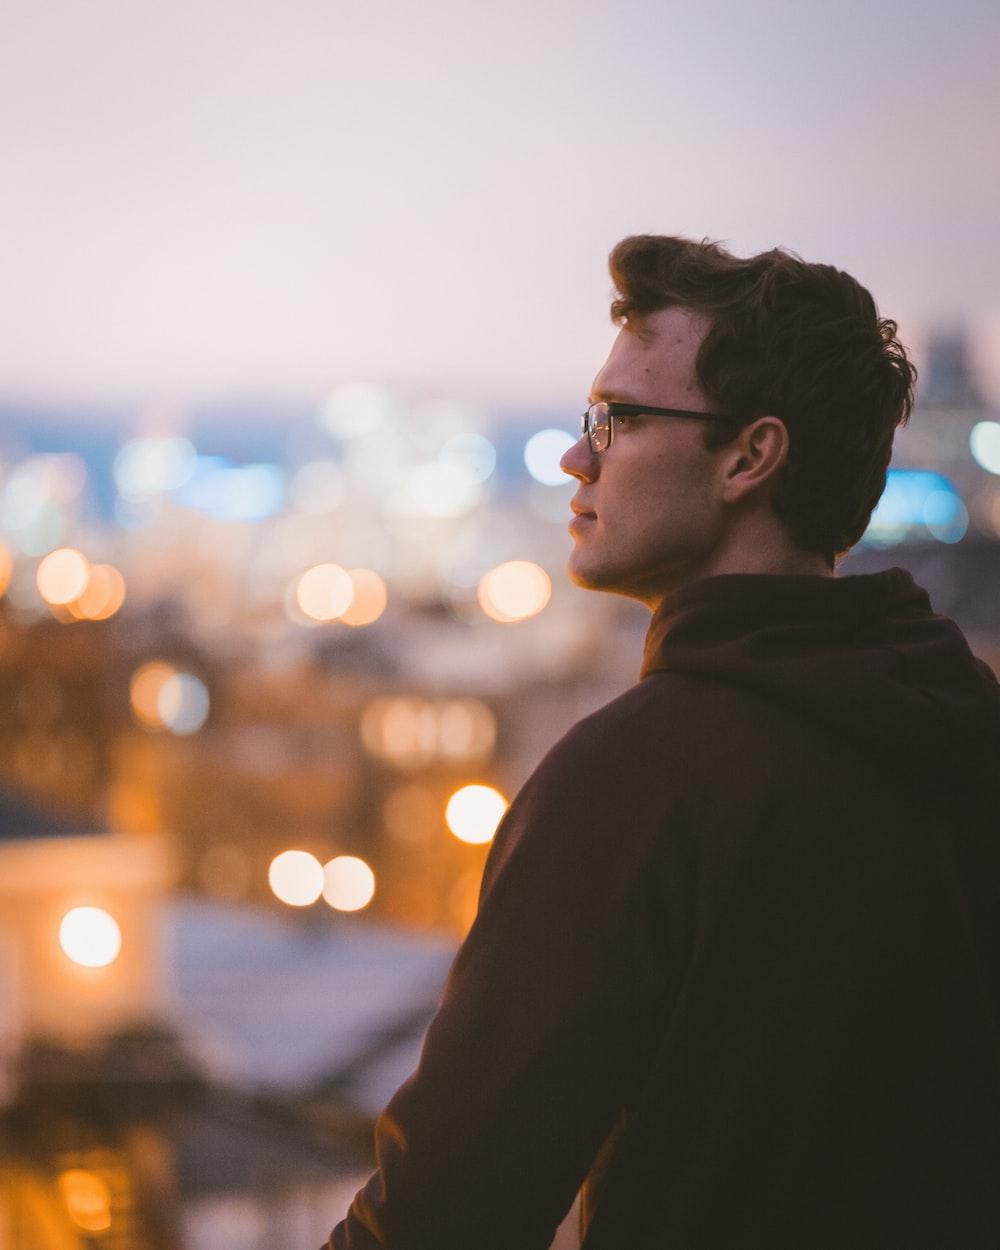 man standing wearing black hoodie